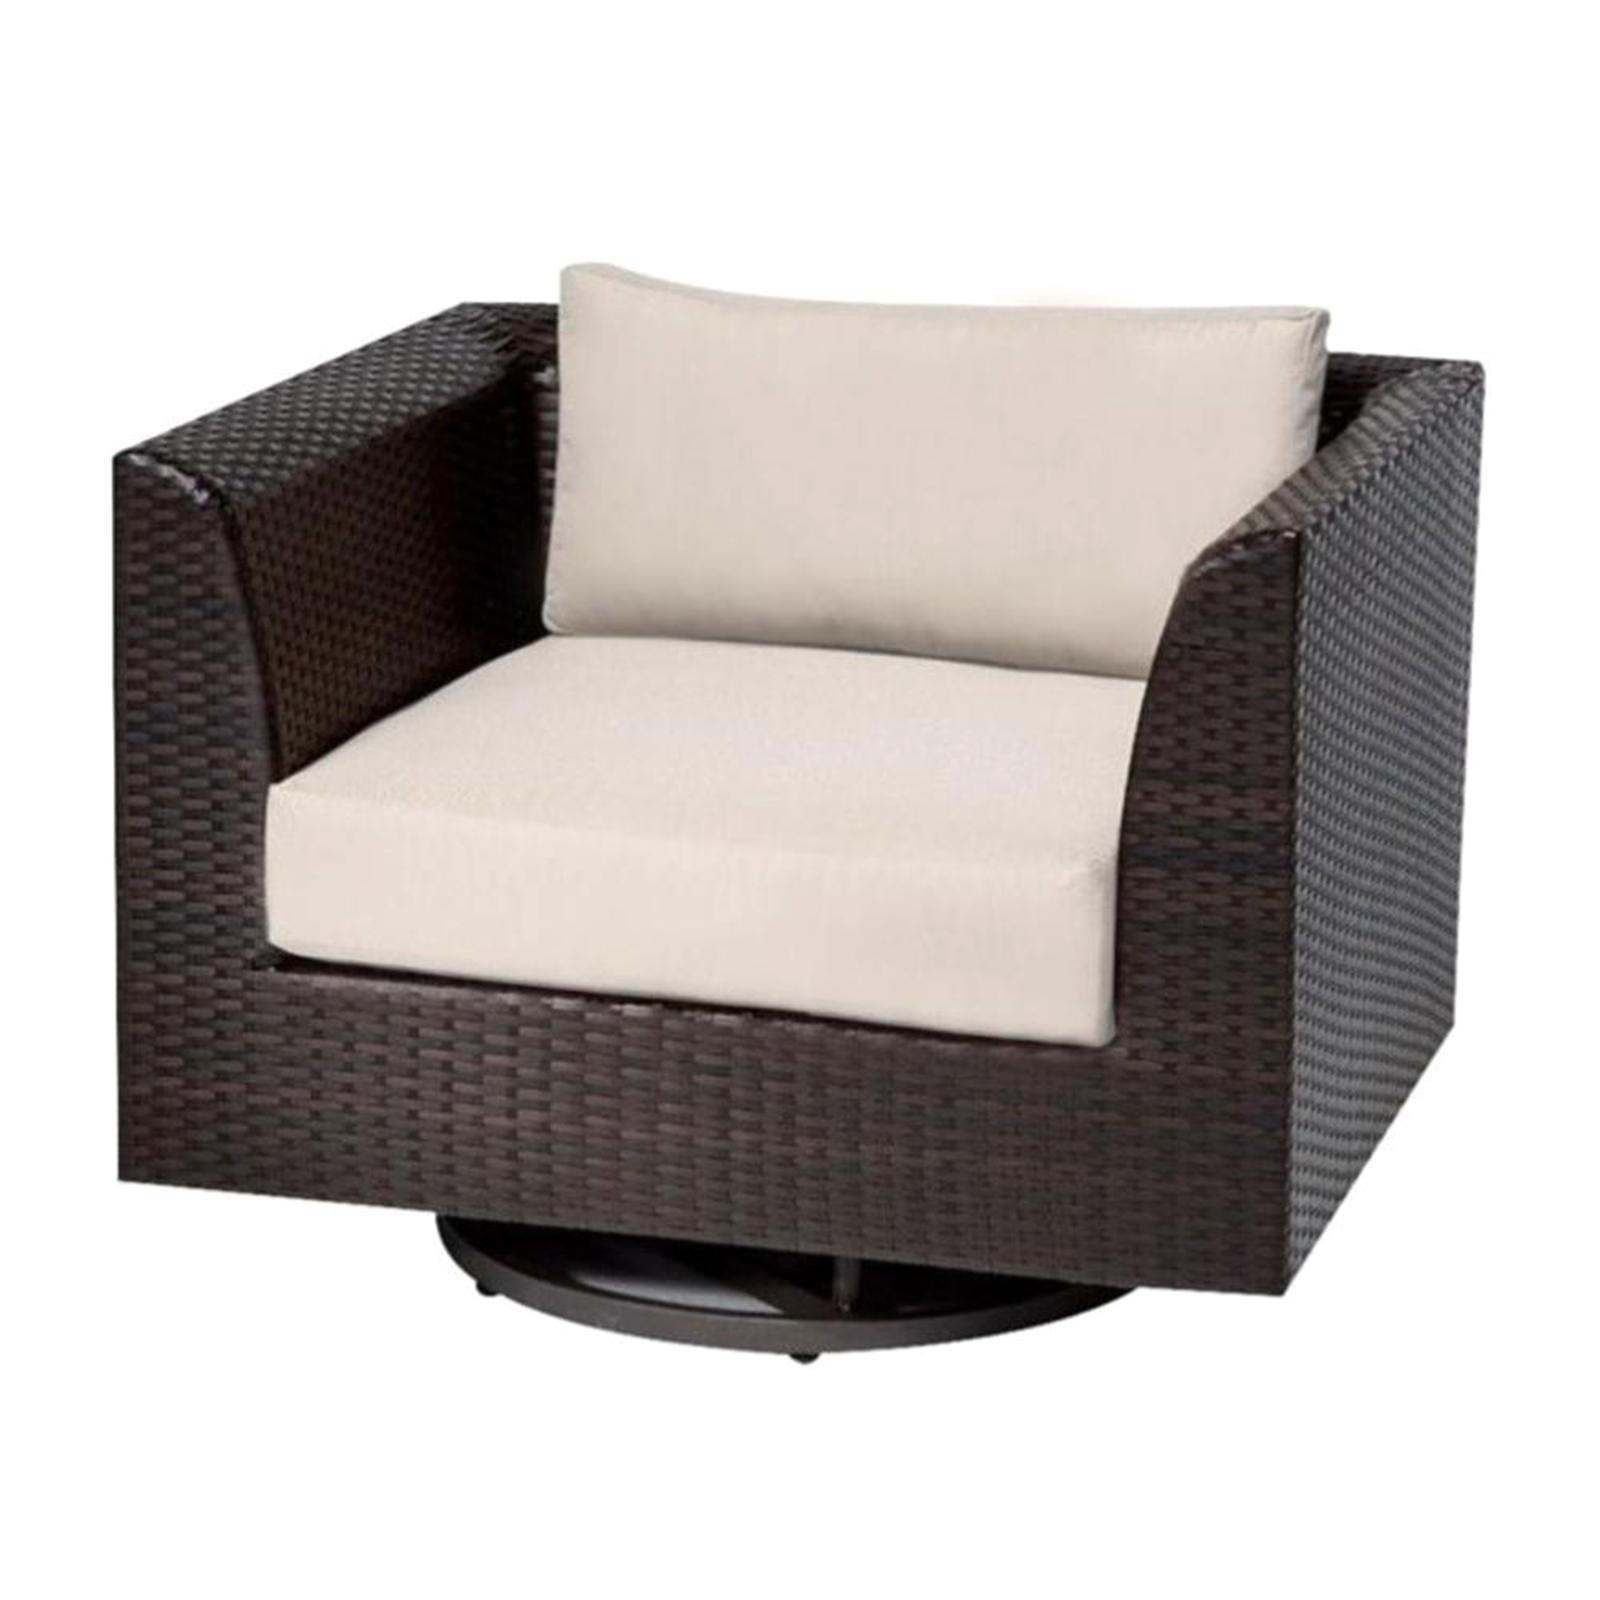 TK Classics TKC Barbados Outdoor Wicker Swivel Chair In Beige